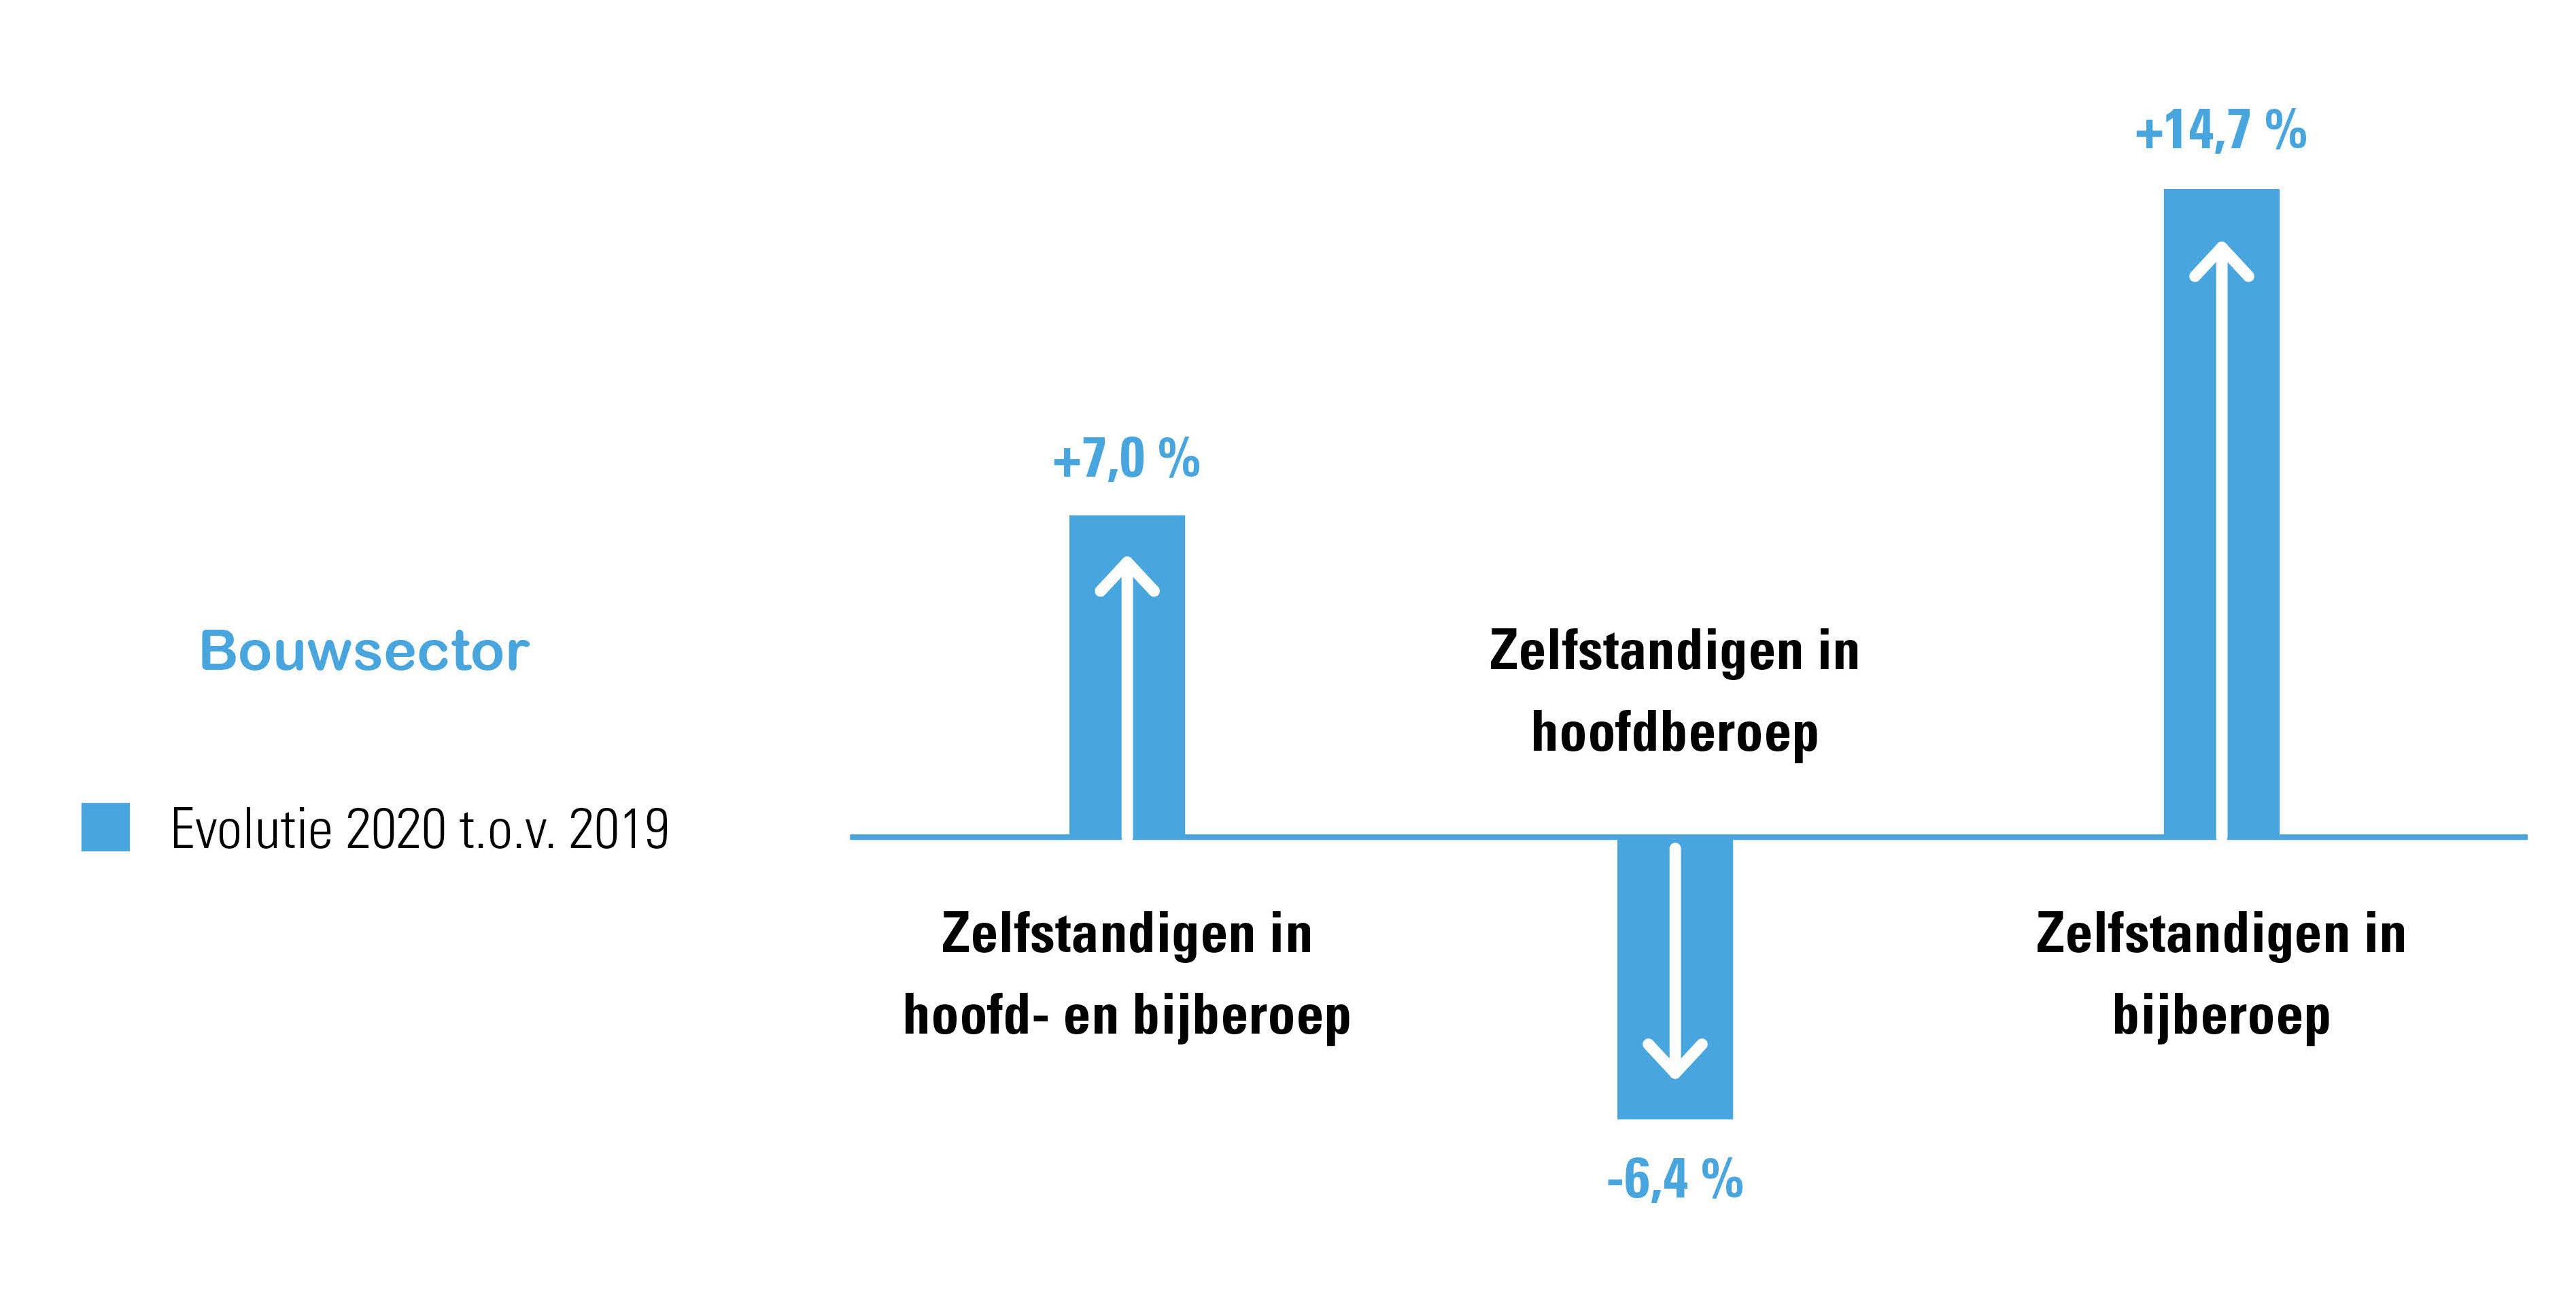 Evolutie startende zelfstandigen in hoofd- en bijberoep in de bouwsector 2020 t.o.v. 2019